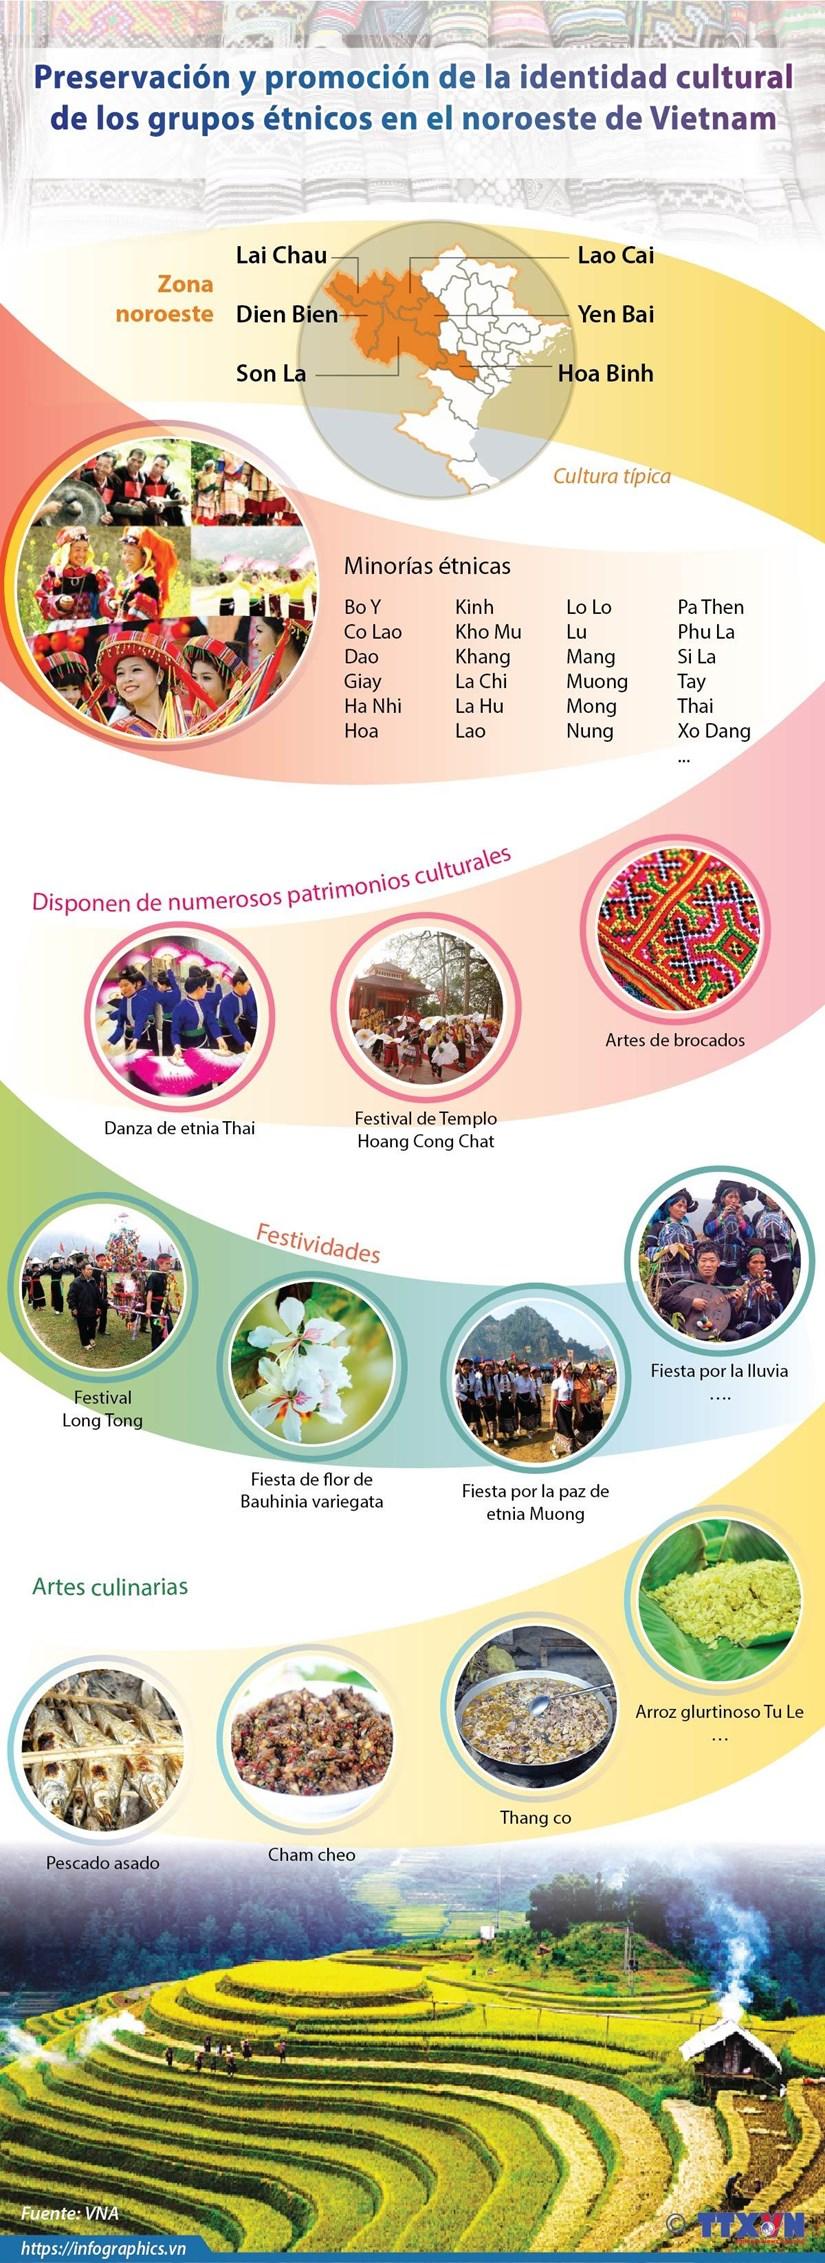 [Info] Preservacion y promocion de la identidad cultural de los grupos etnicos en el noroeste de Vietnam hinh anh 1